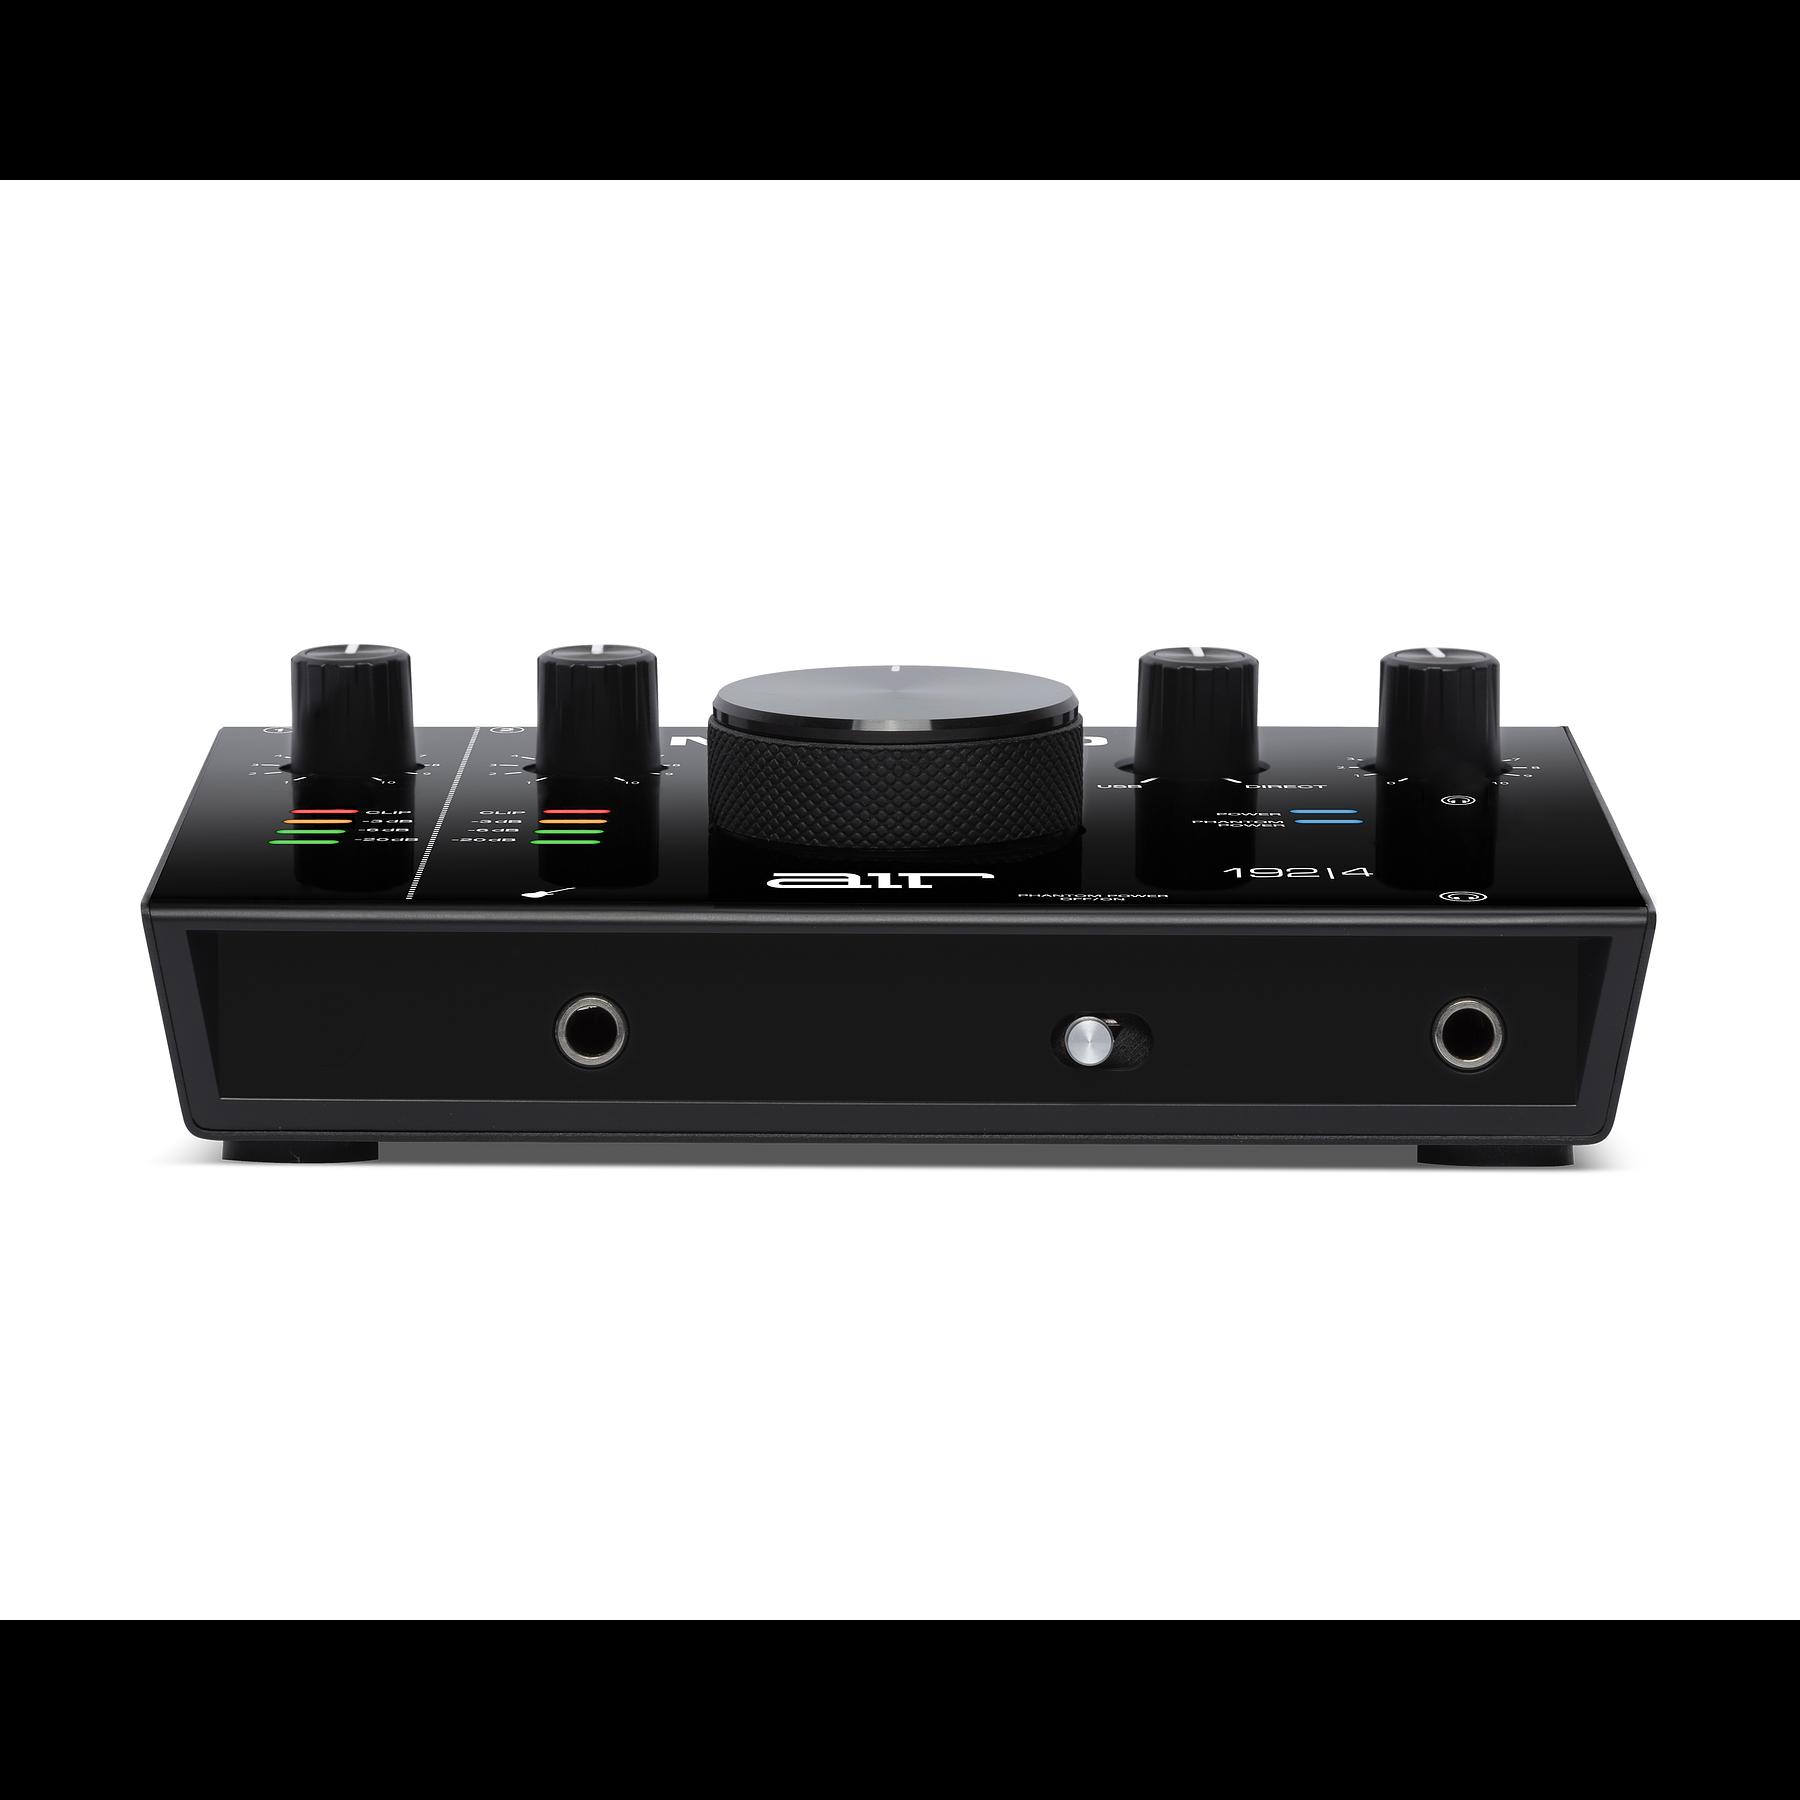 Pack Home Studio Air 192-4 Vocal Studio Pro M-Audio